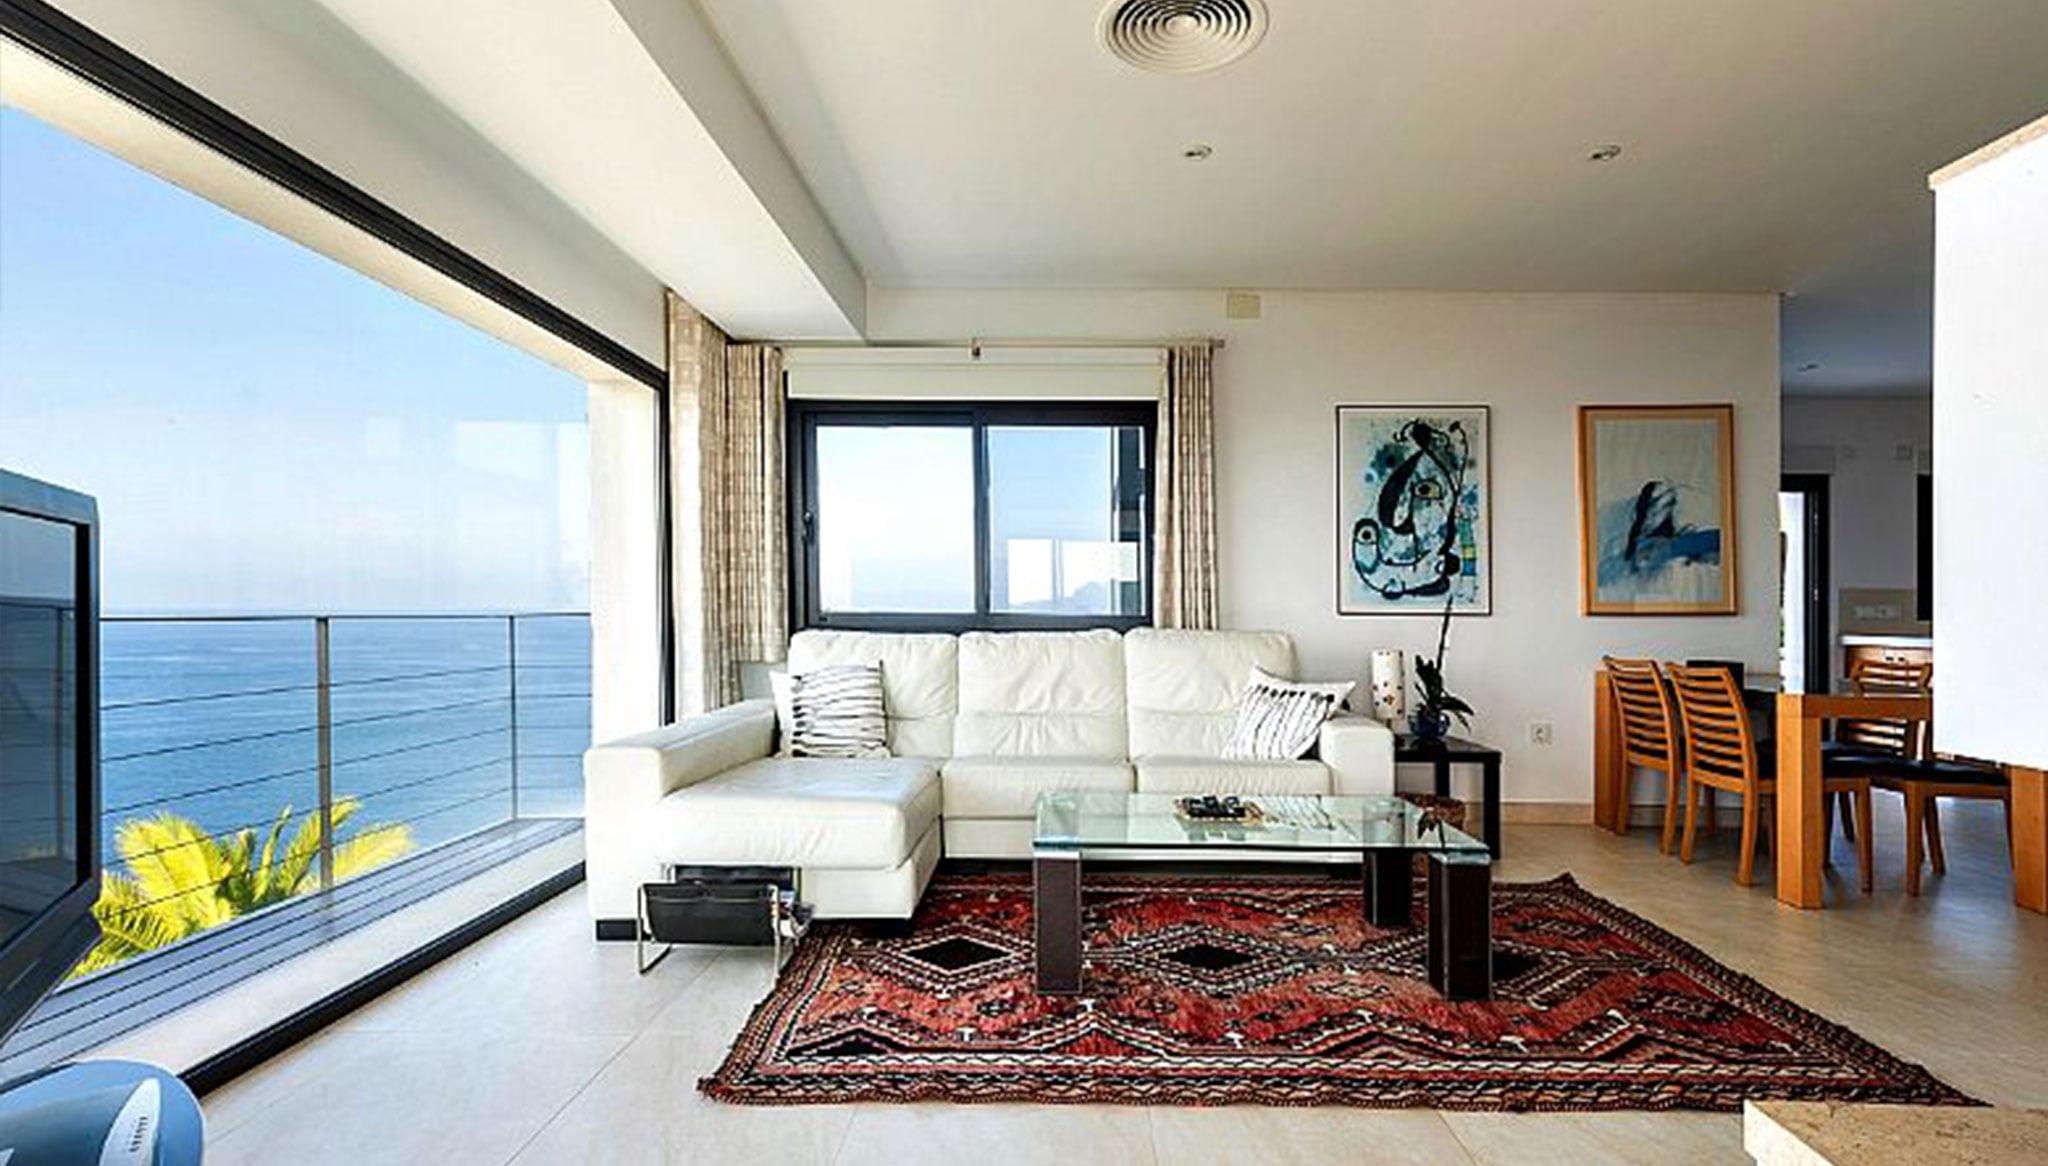 Saló amb vistes a la mar en un xalet en venda a Dénia - Euroholding